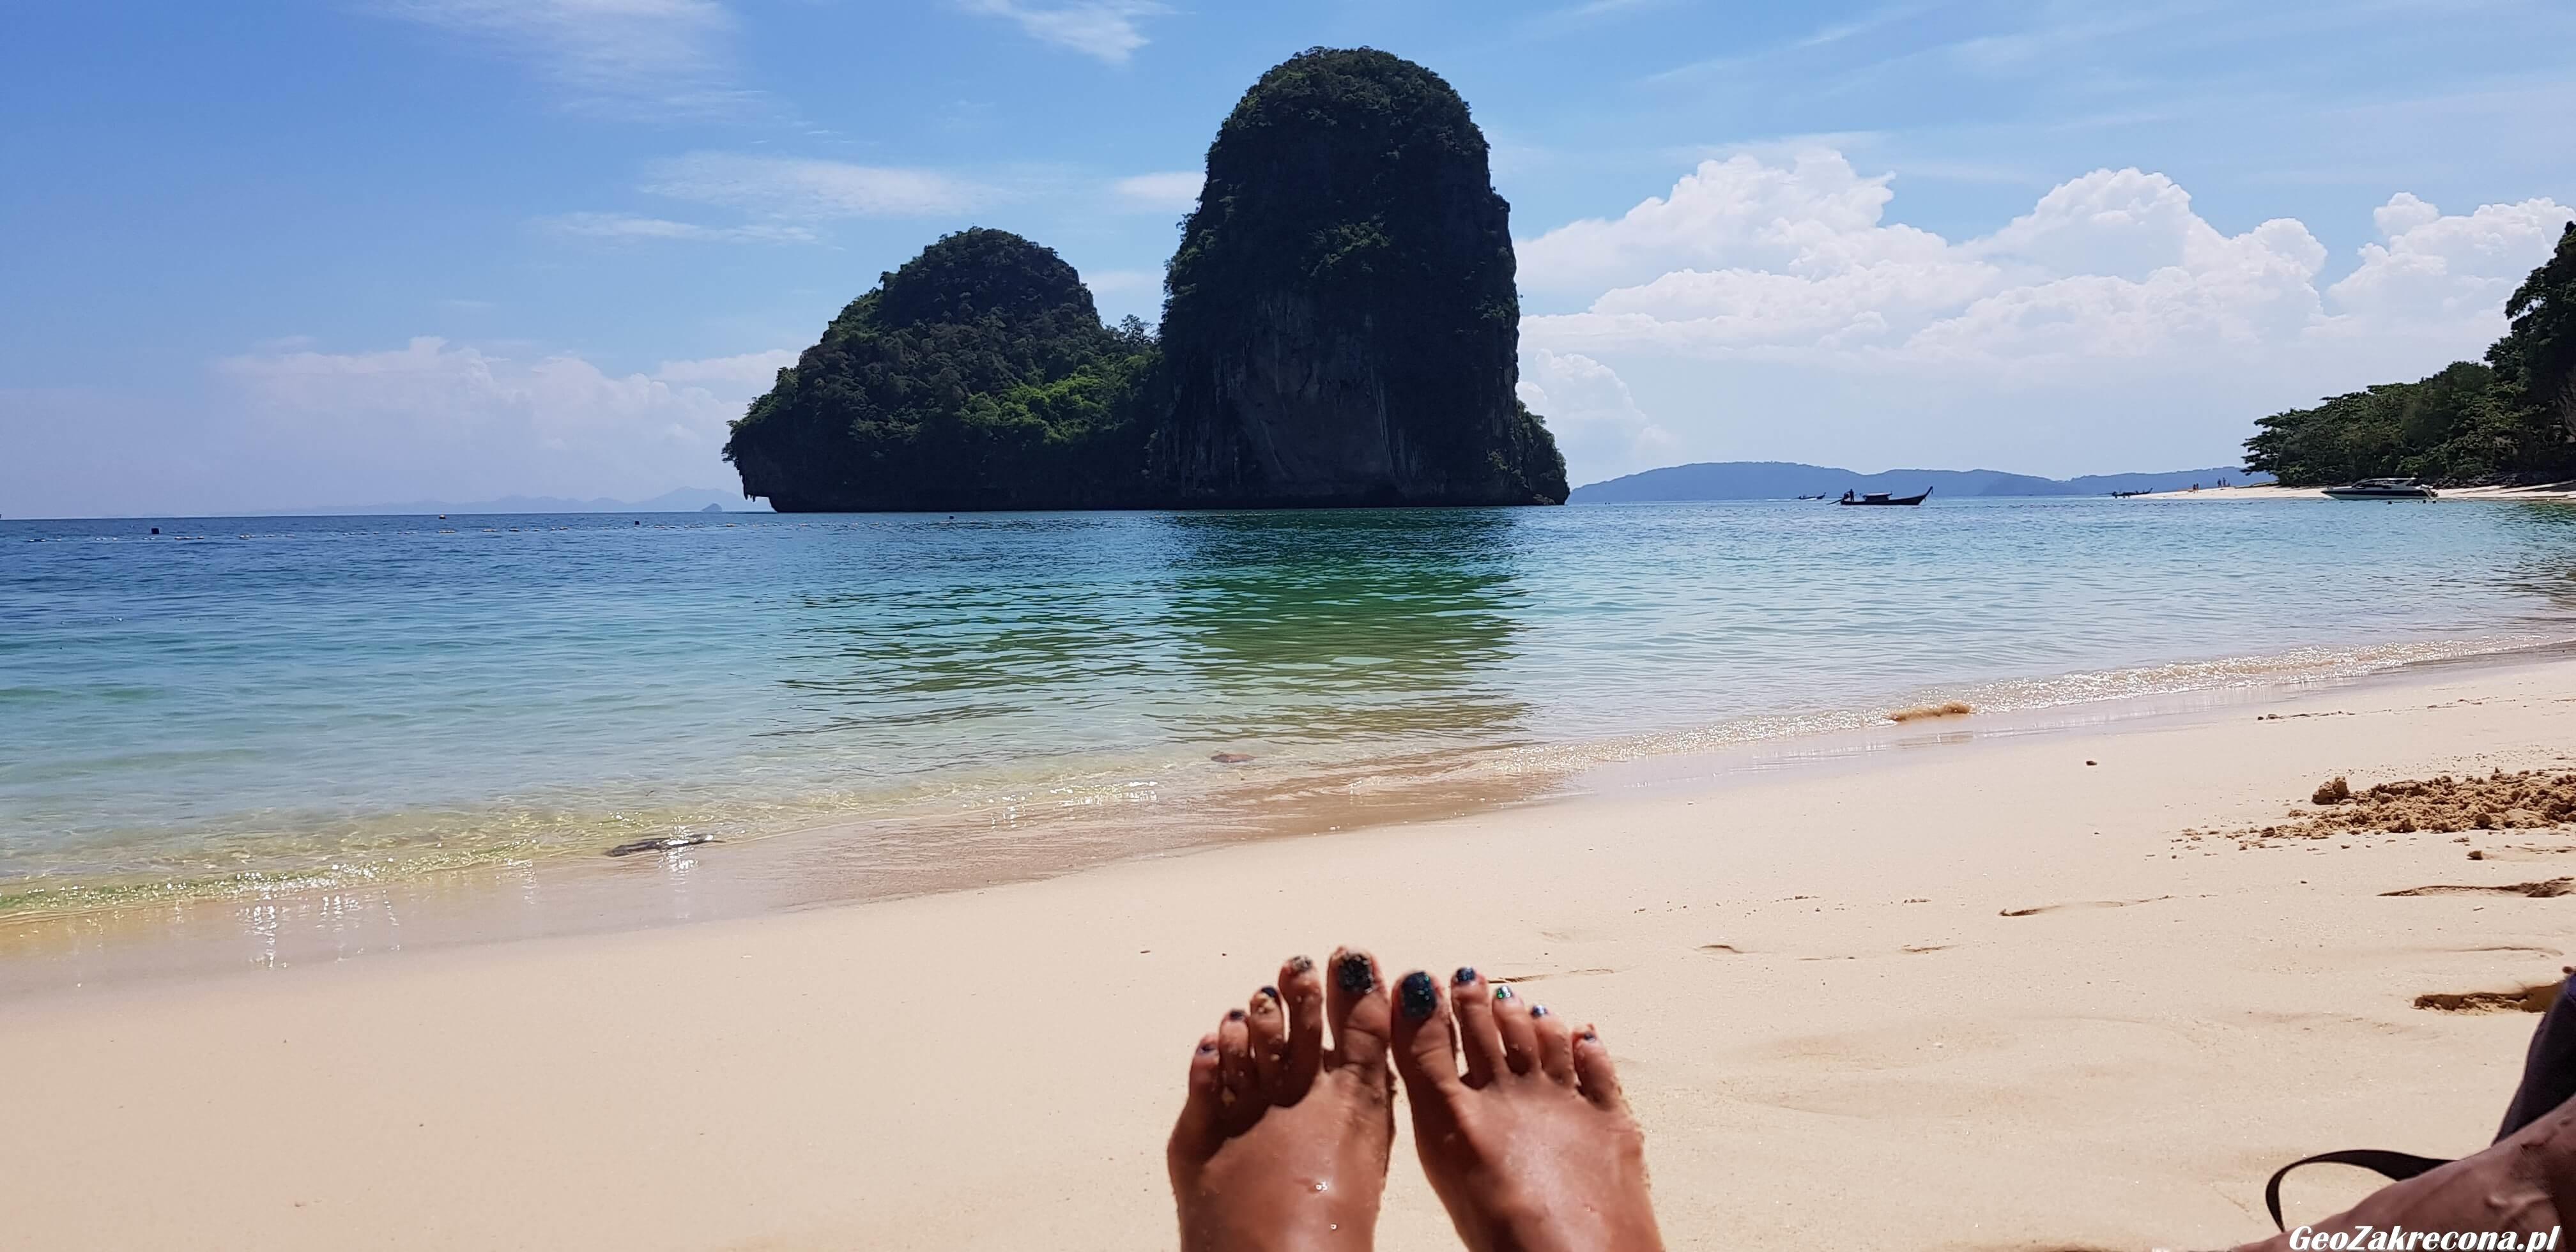 Railay Beach - rewelacyjne miejsce w Tajlandii